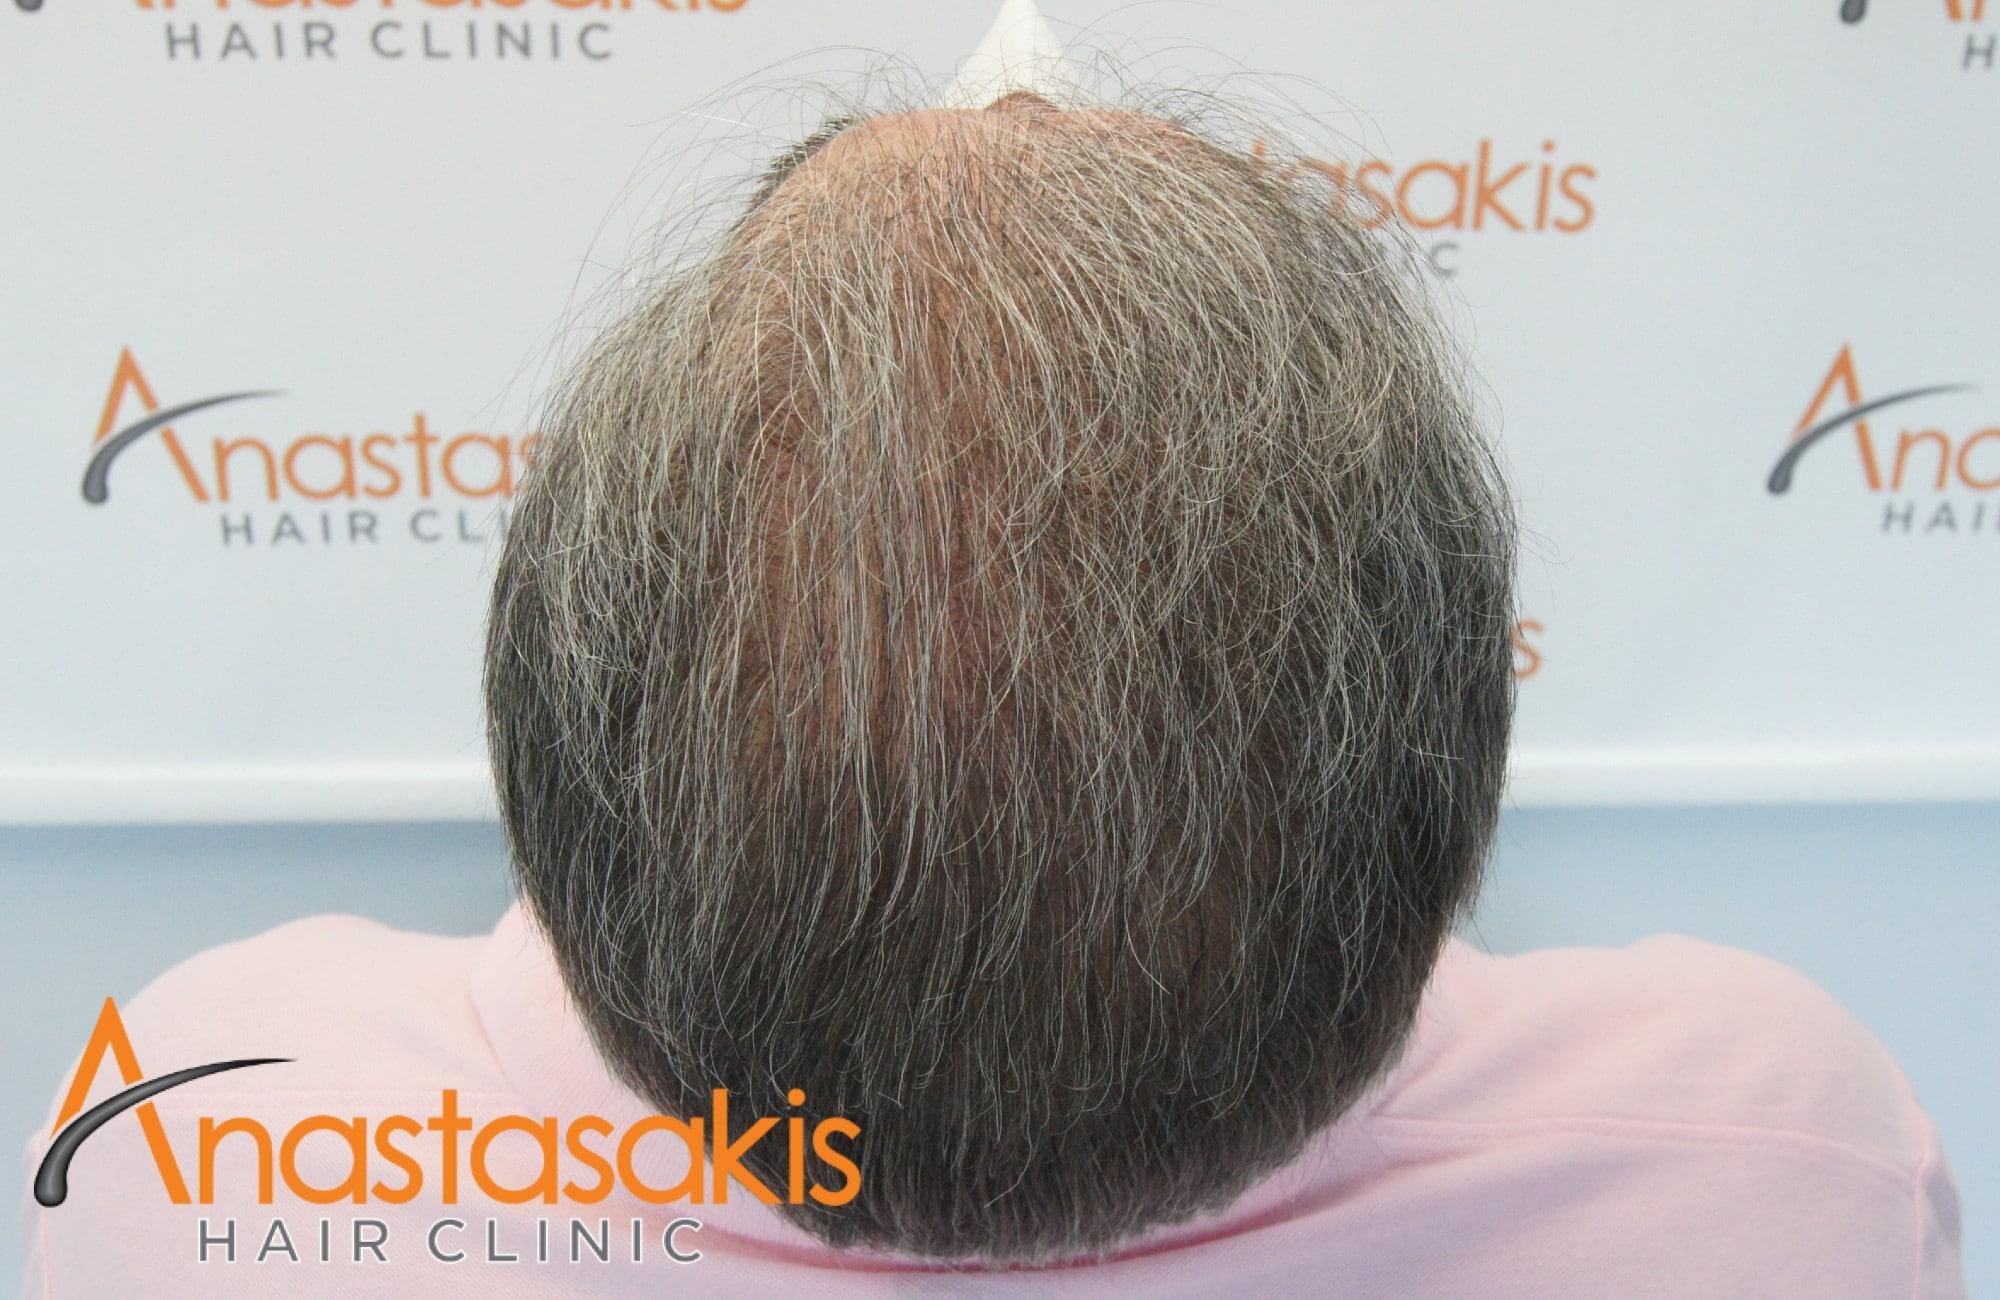 κορυφη 10 μηνες μετα τη μεταμοσχευση μαλλιων με 4008 fus